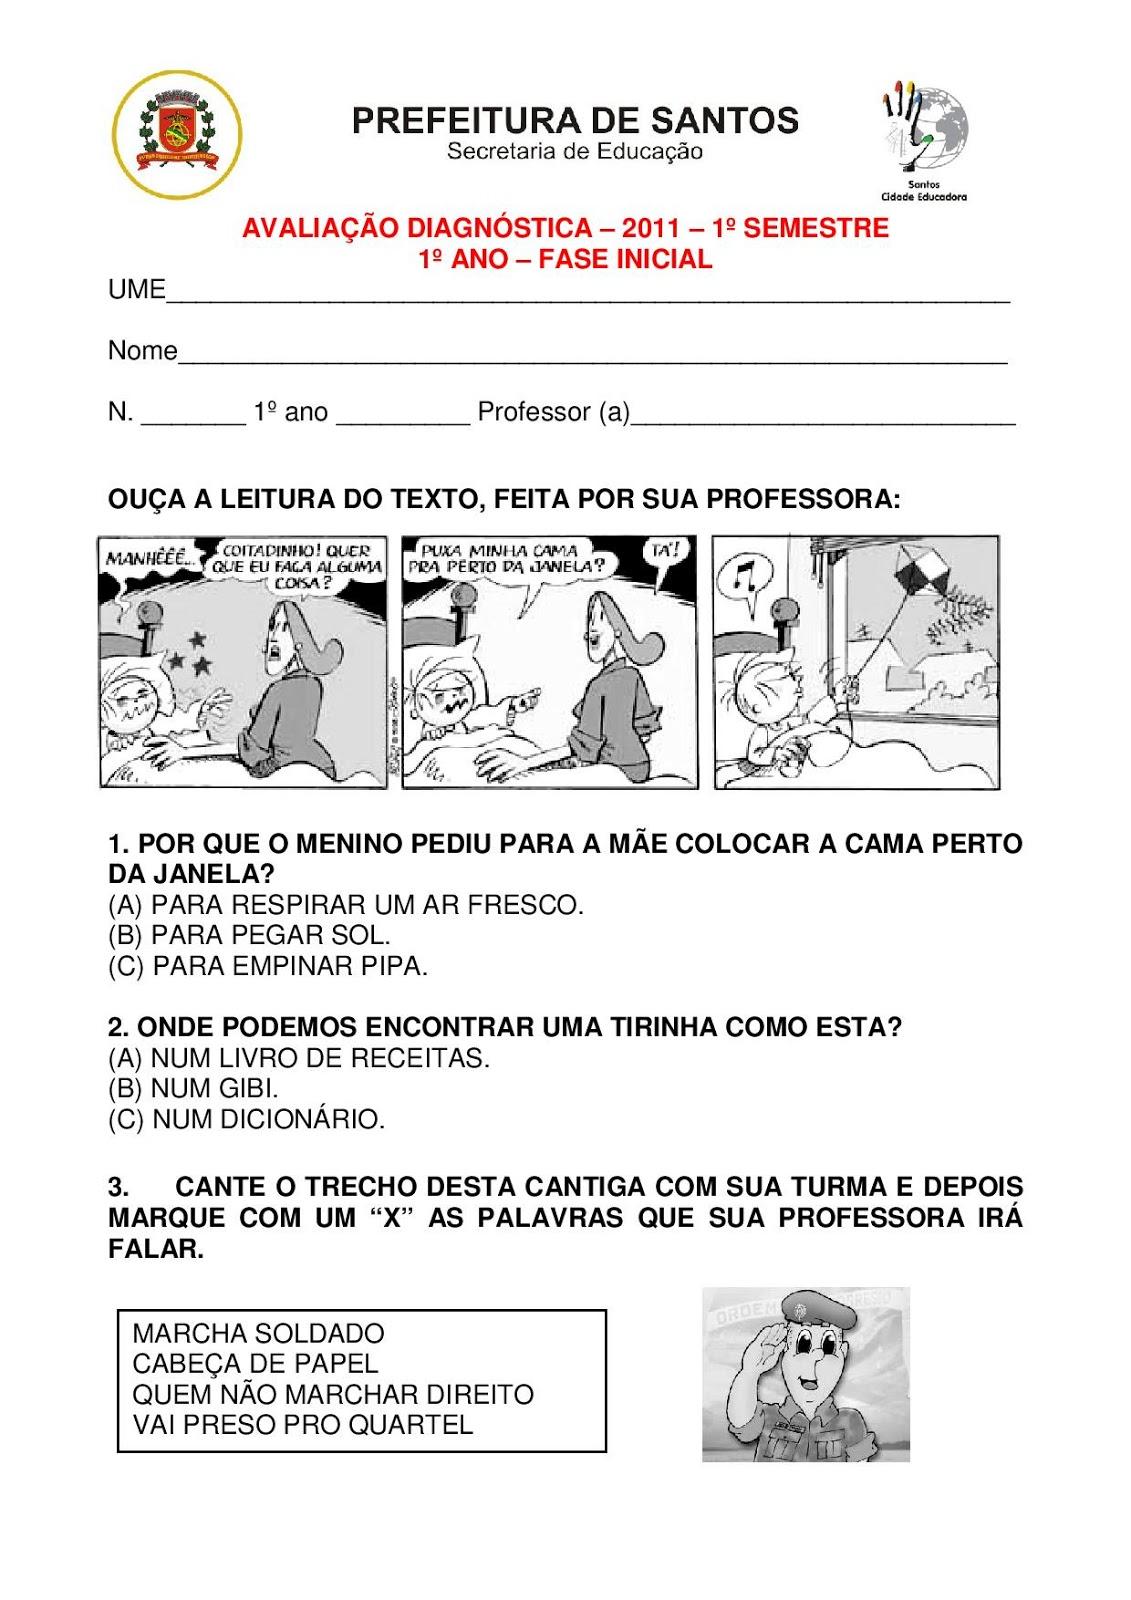 Famosos ESPAÇO EDUCAR: 30 MODELOS DE PROVA PRONTOS PARA ALFABETIZAÇÃO OU  RH77